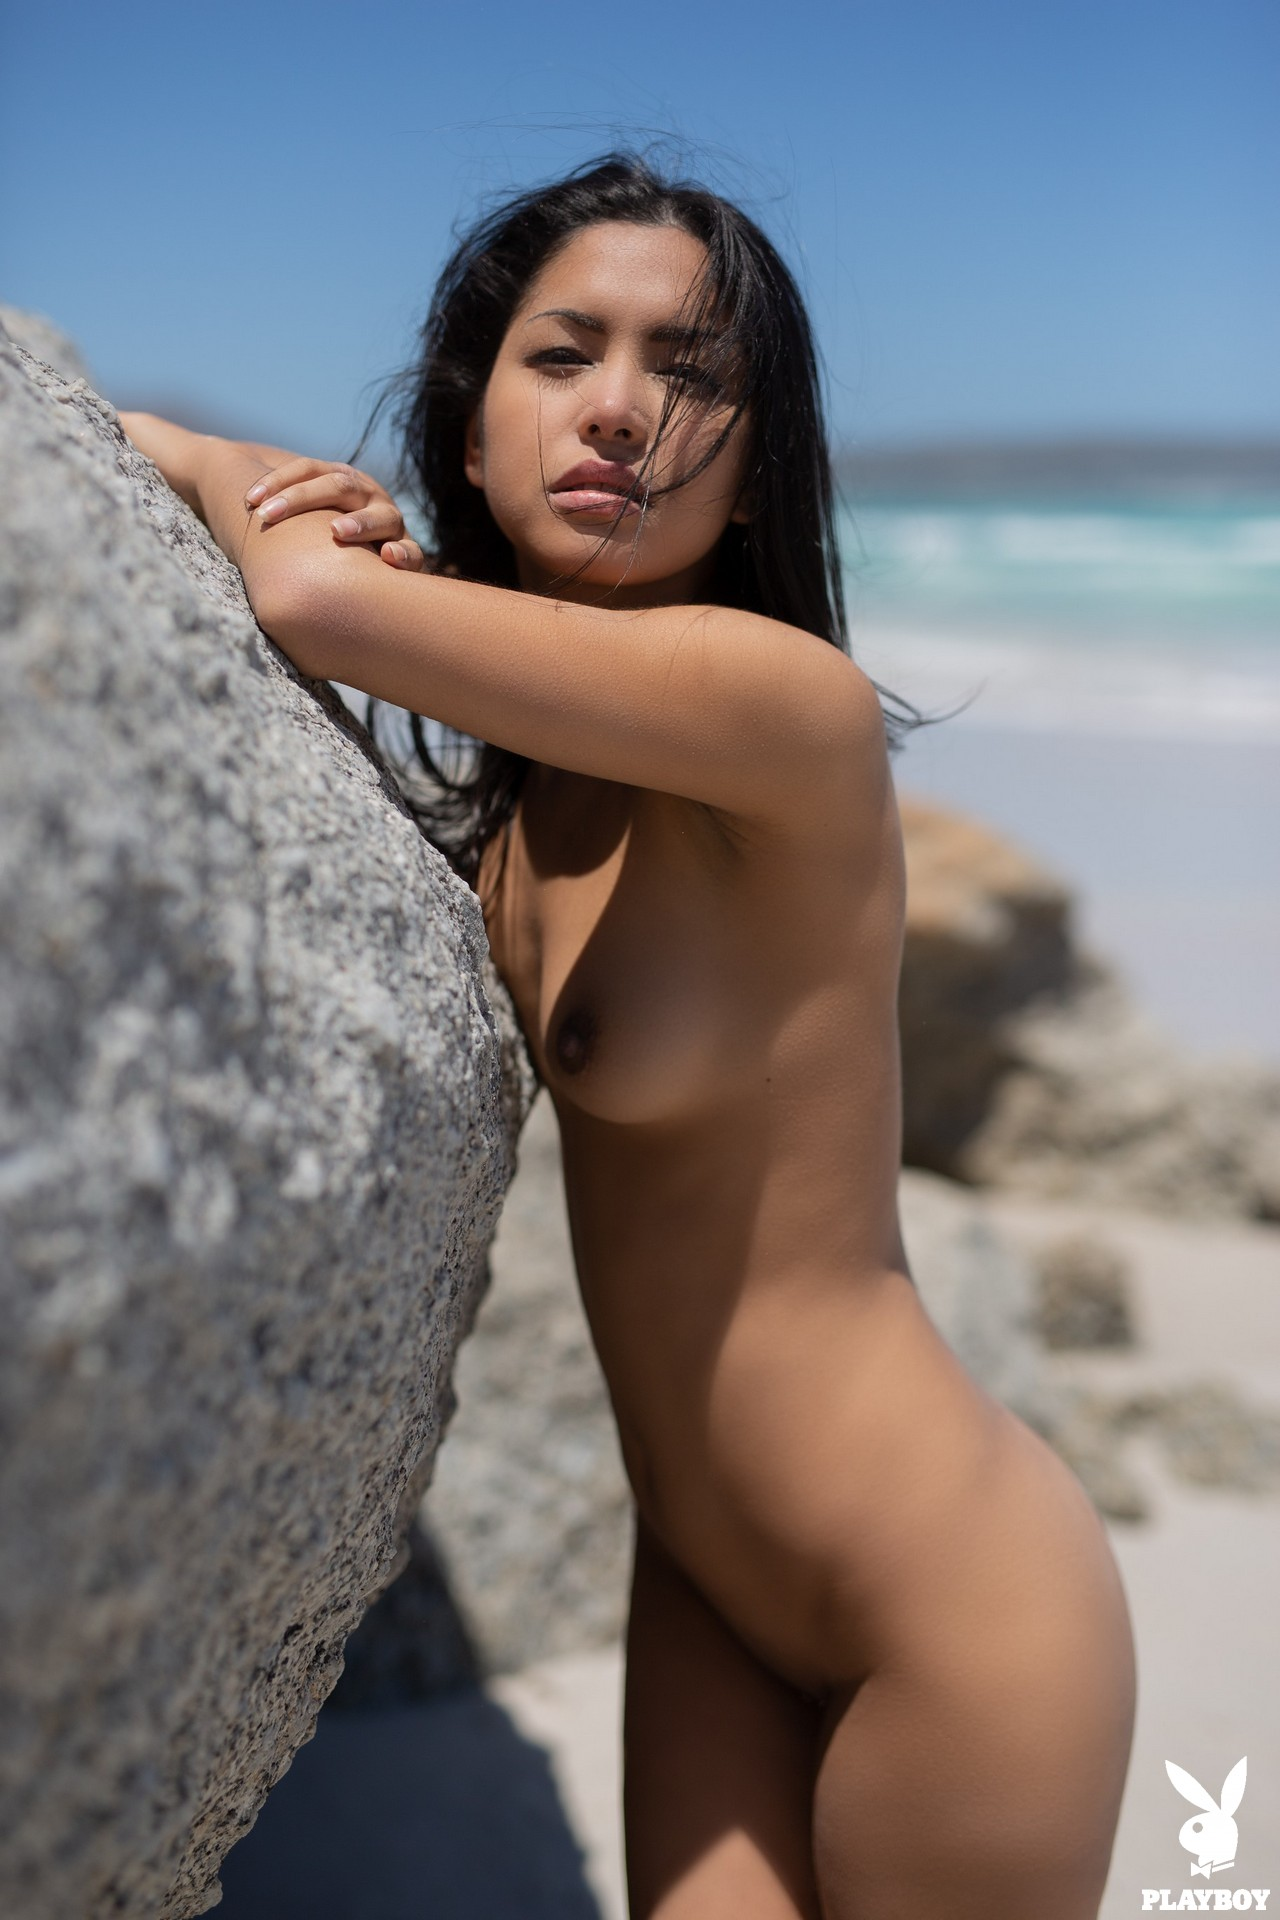 Chloe Rose in Windswept - Playboy Plus 23